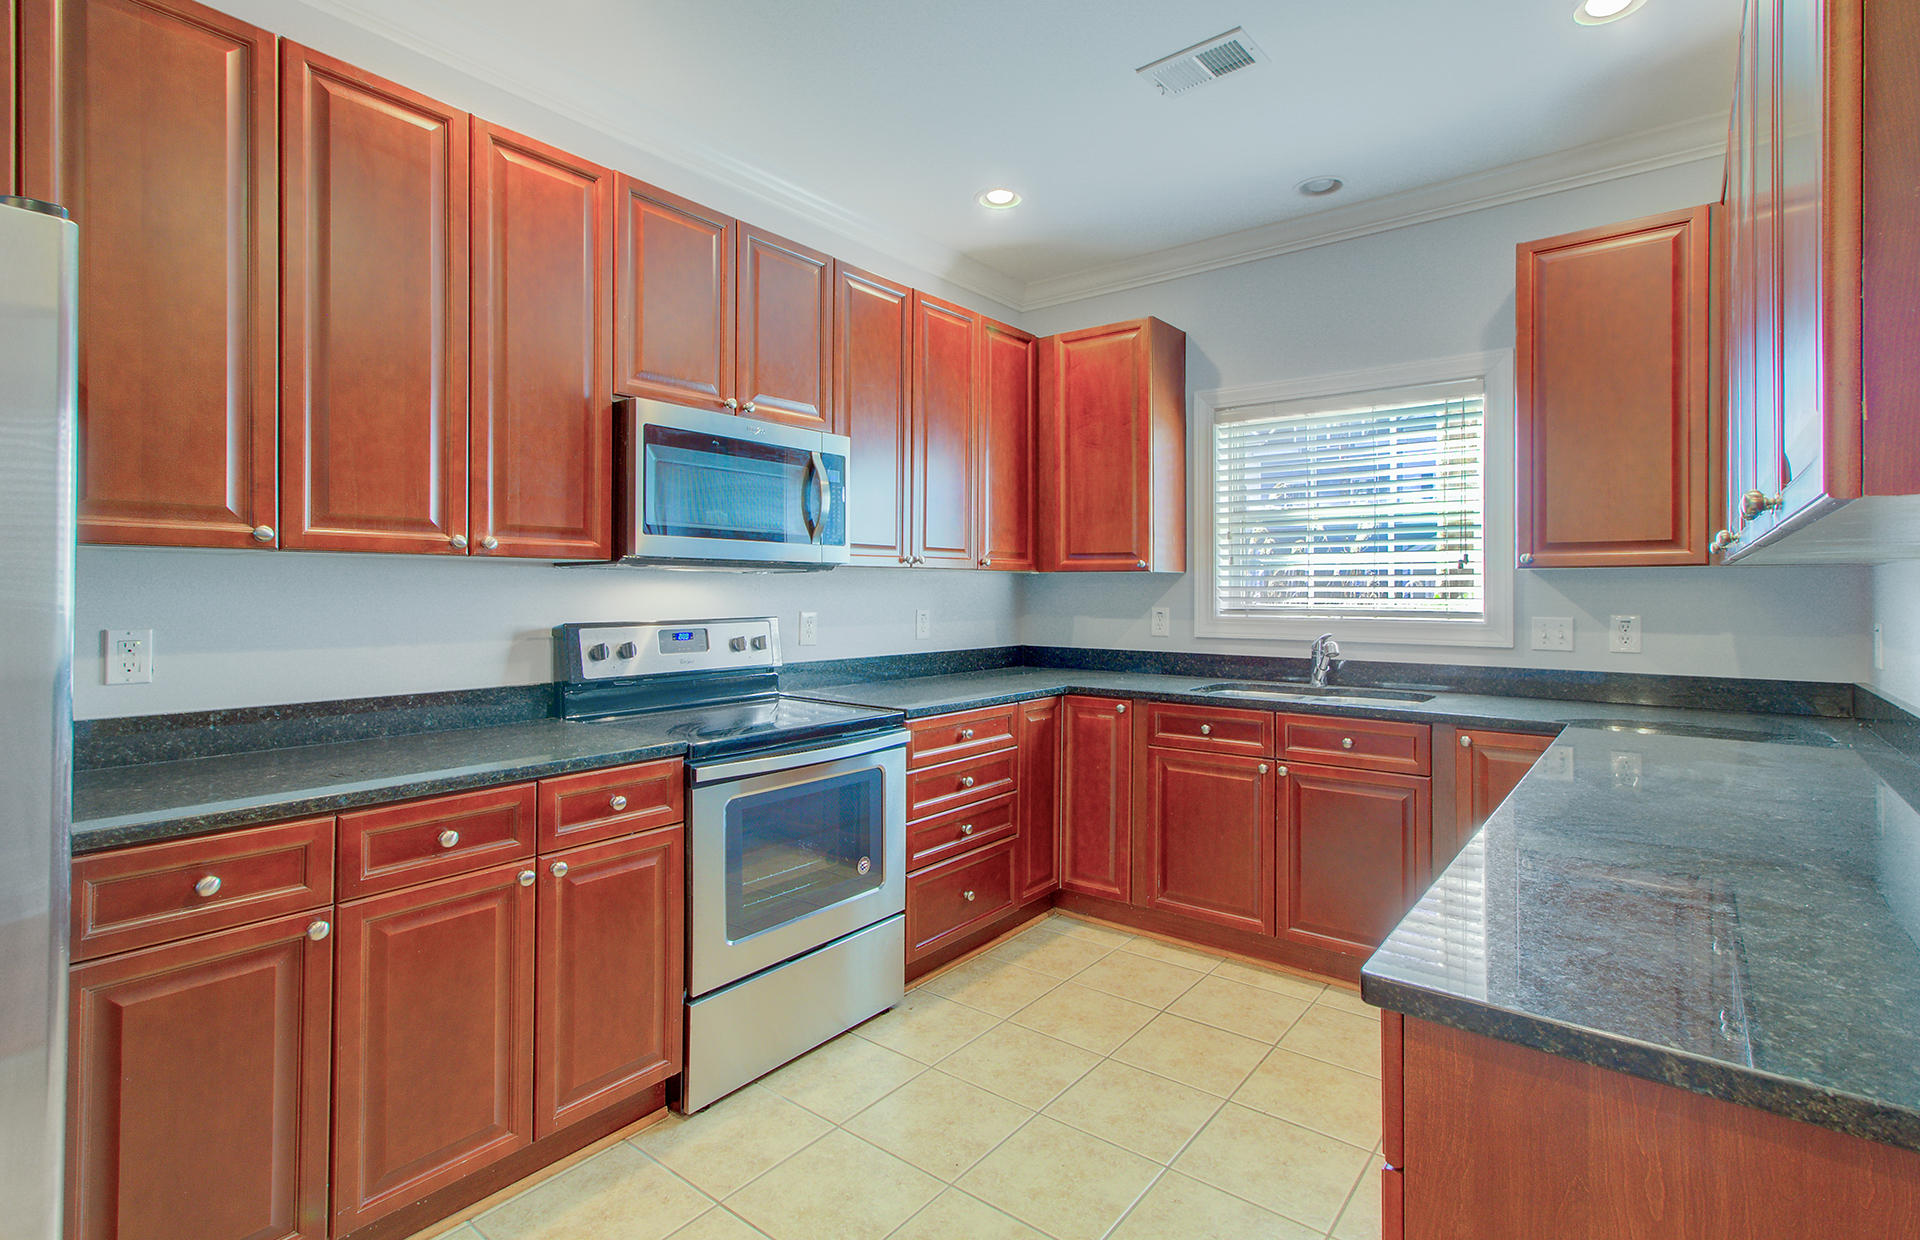 Lake Palmetto Homes For Sale - 4904 Lake Palmetto, North Charleston, SC - 3